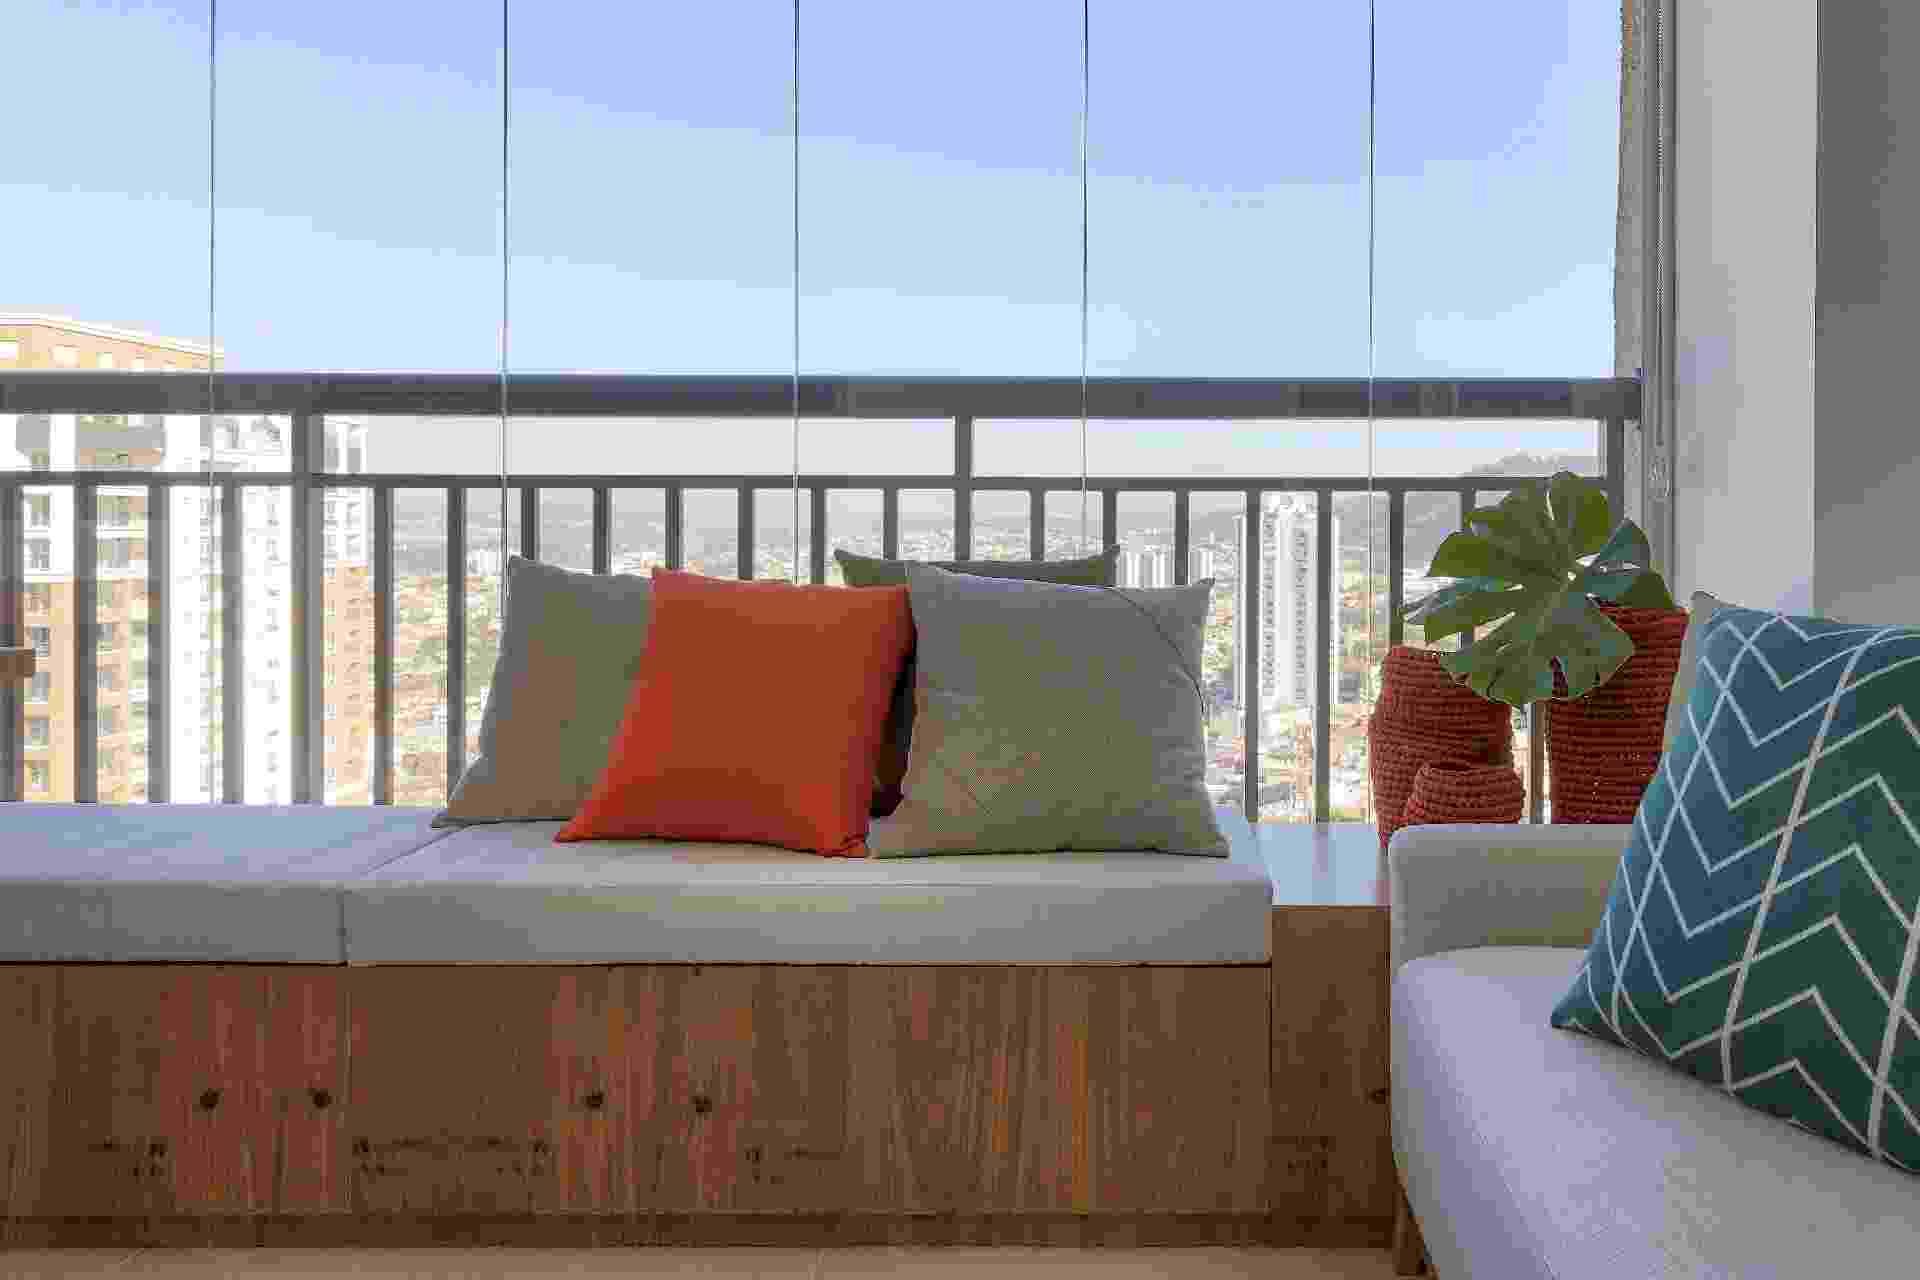 Integrada ao living, a varanda precisava fazer bonito na decoração. Por isso, as arquitetas da doob arquitetura não só criaram mais assentos para receber os amigos, como pensaram no móvel, feito sob medida, para guardar mantas, essenciais nos dias frios - Rafael Renzo | Divulgação